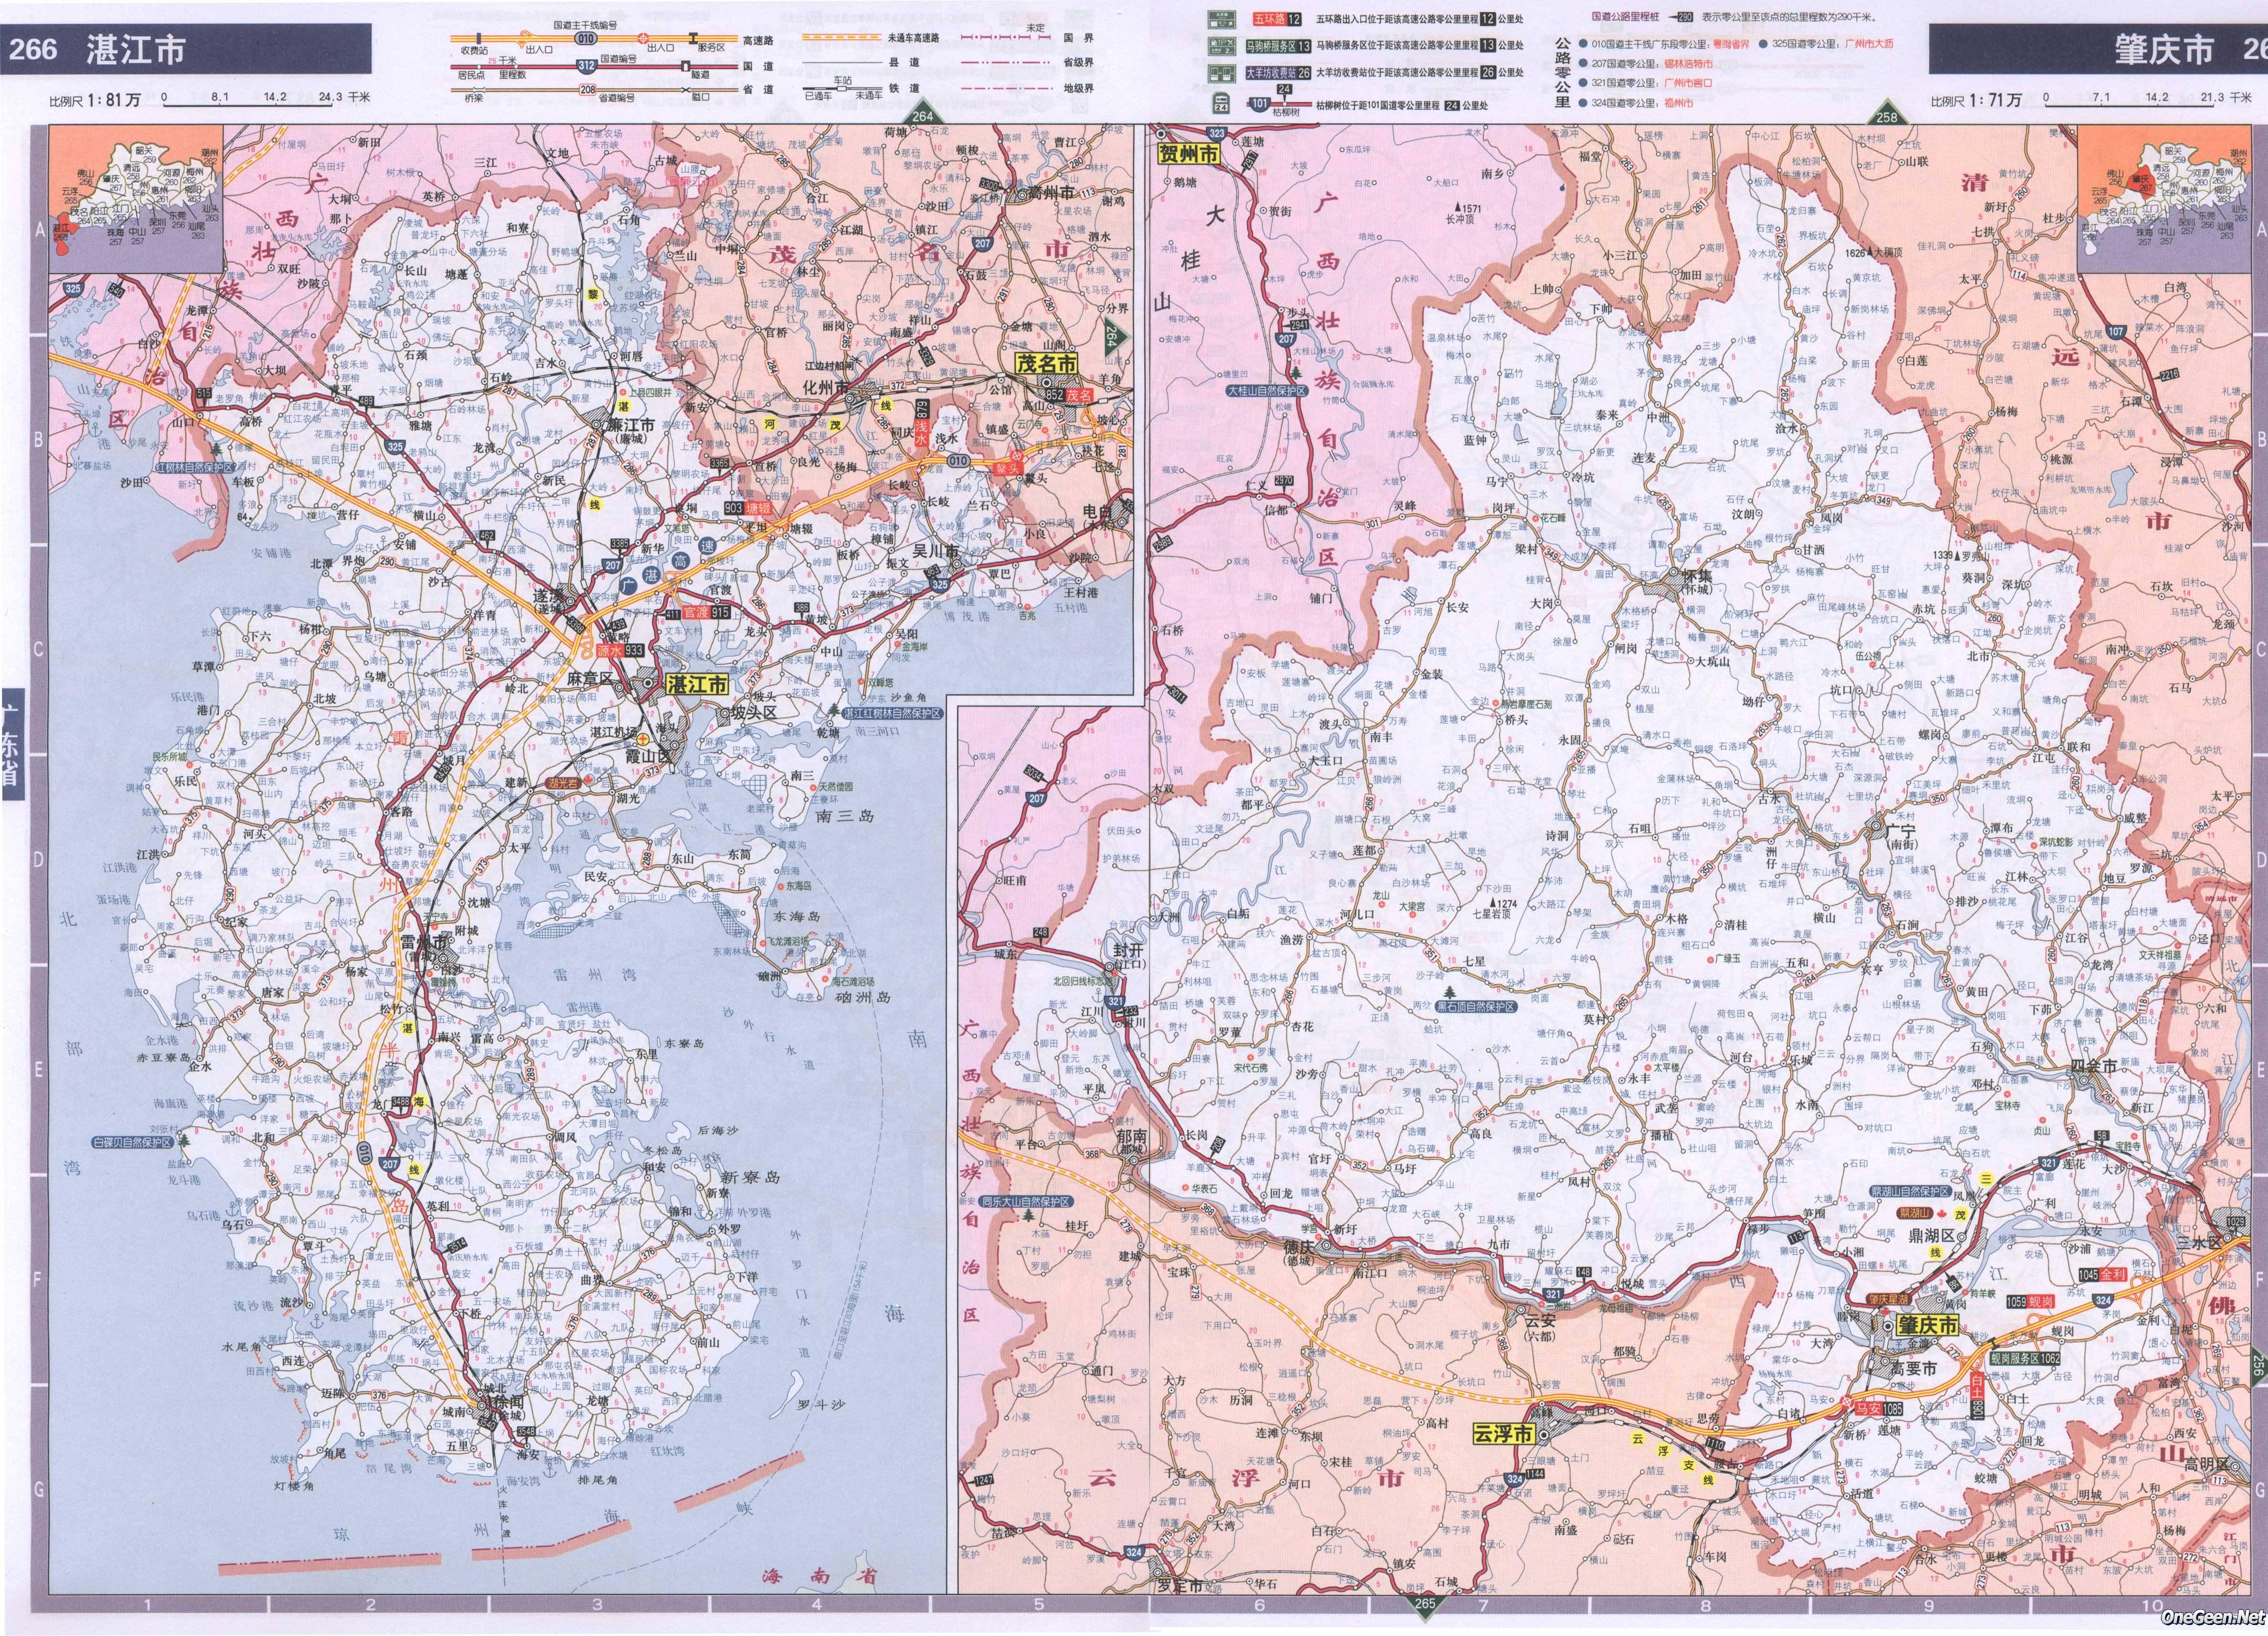 广东省湛江肇庆公路交通地图